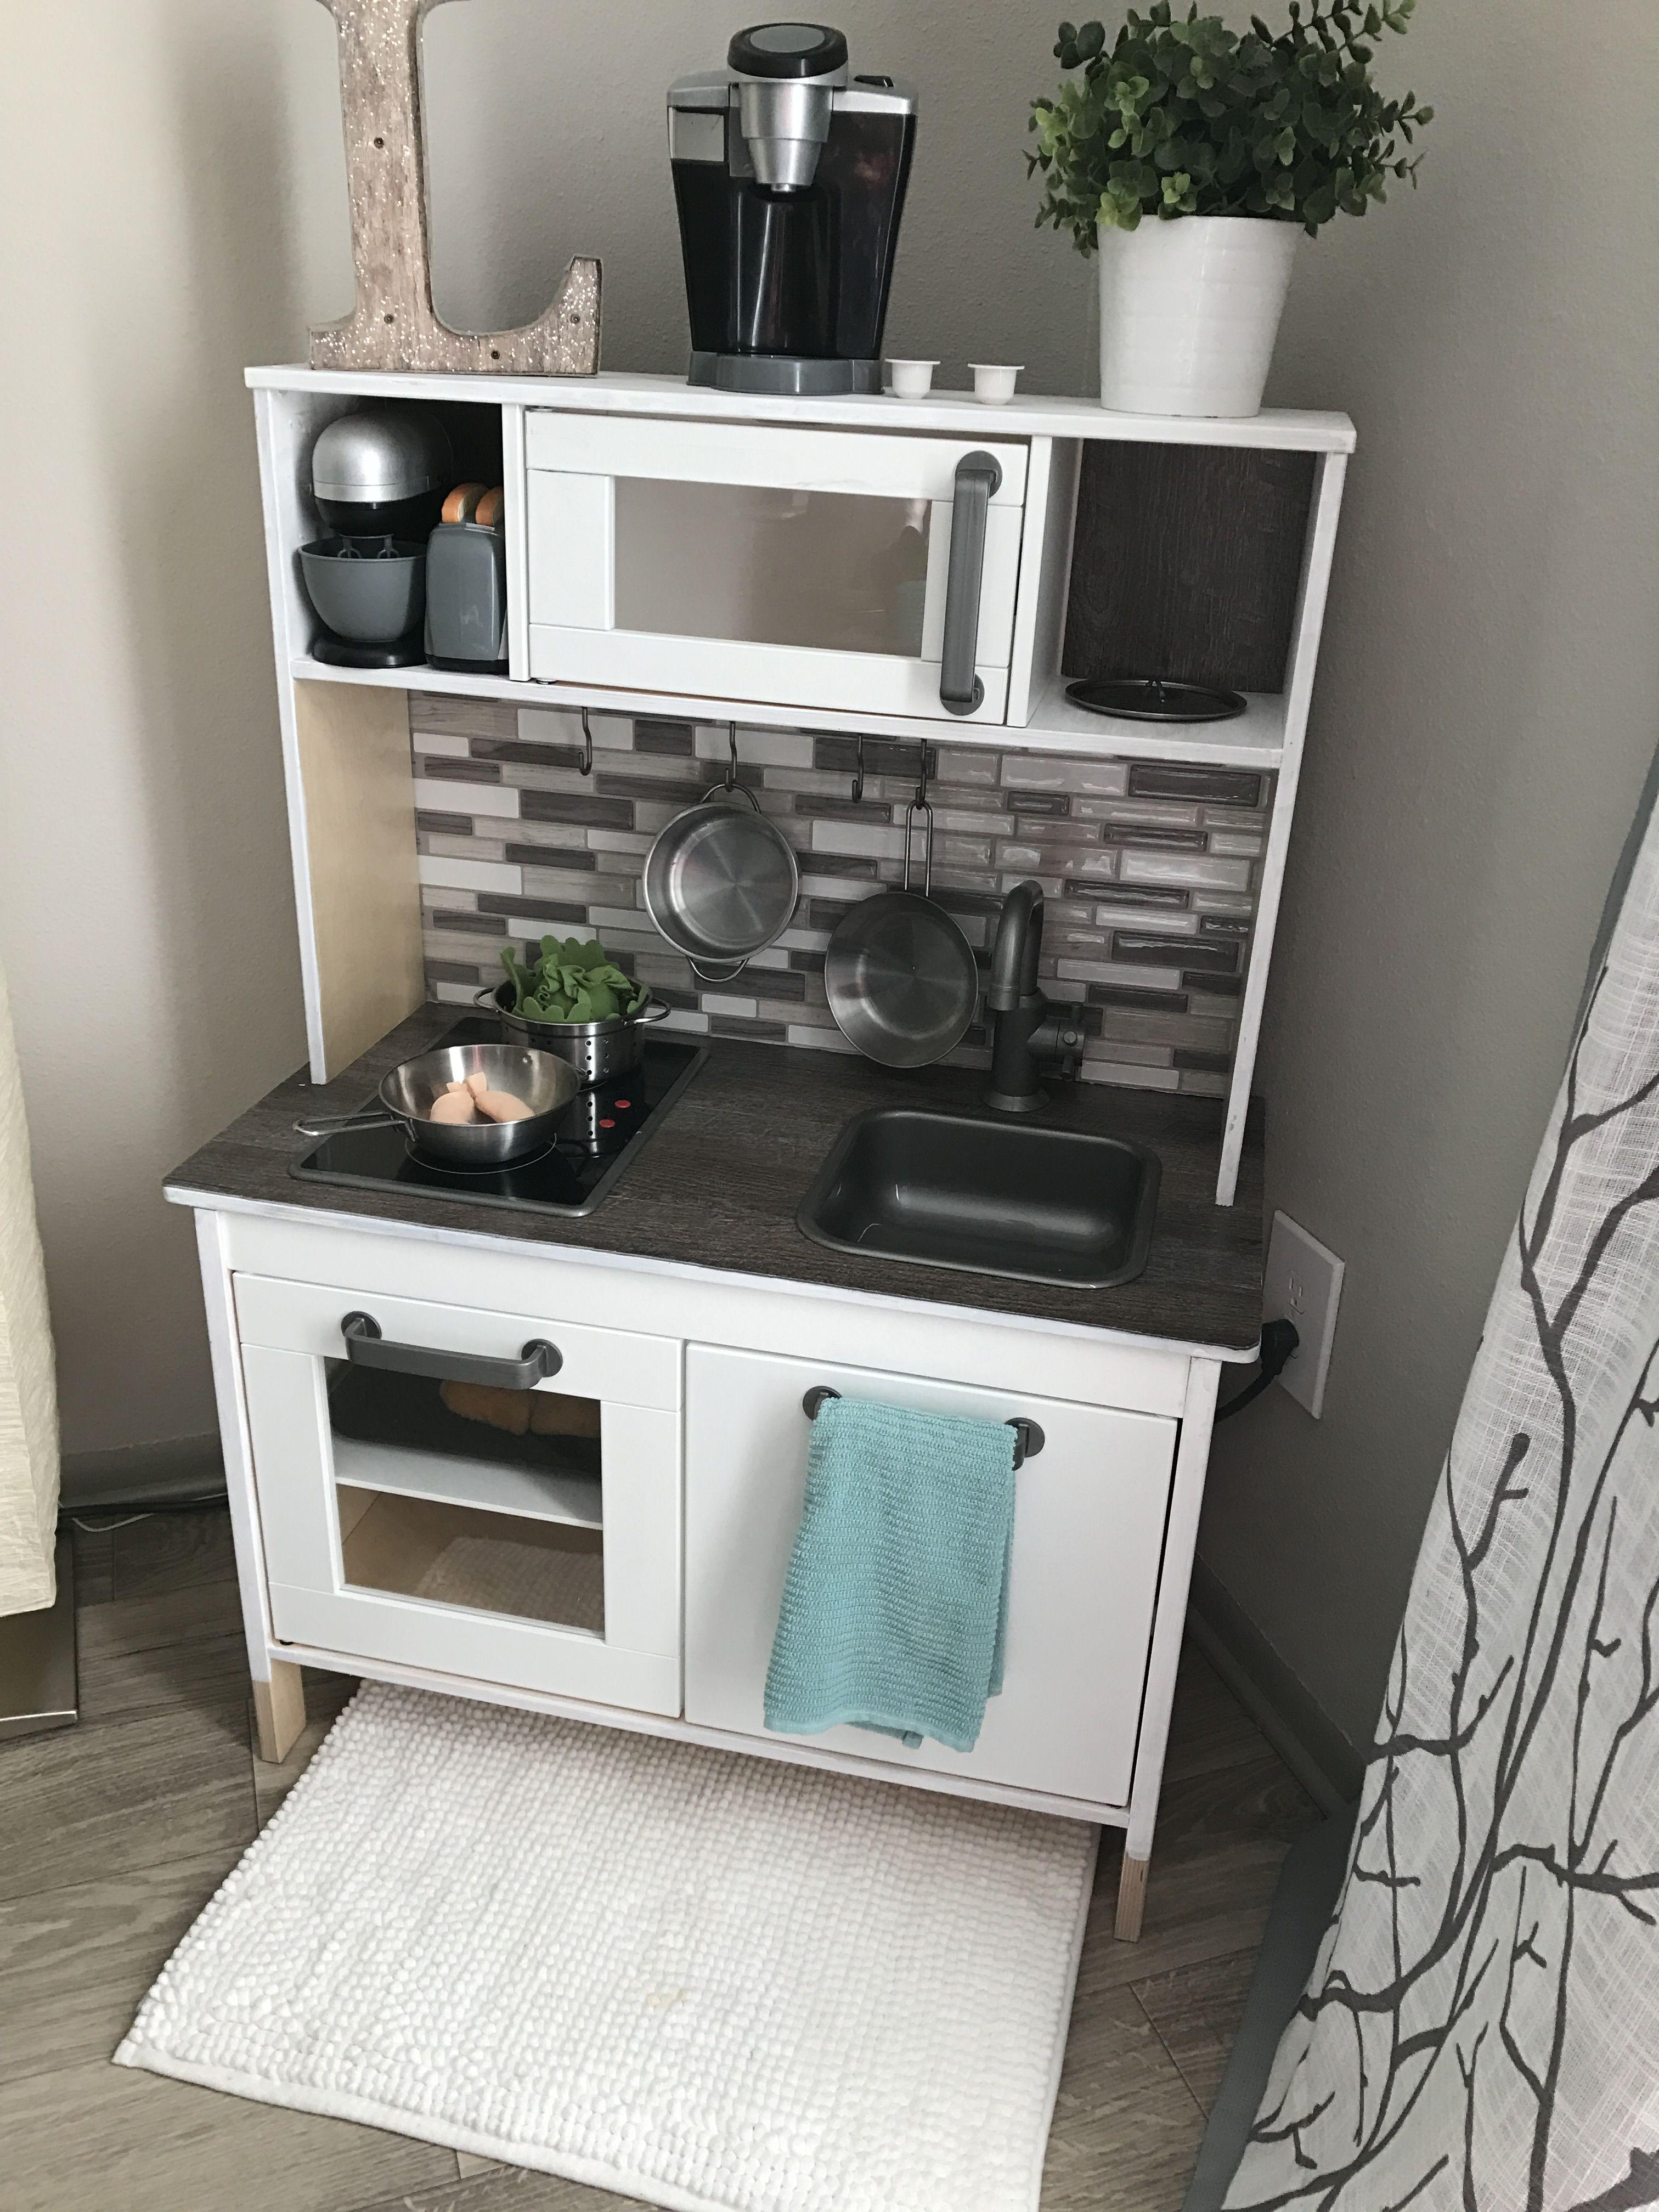 k chenspiegel ikea swalif. Black Bedroom Furniture Sets. Home Design Ideas